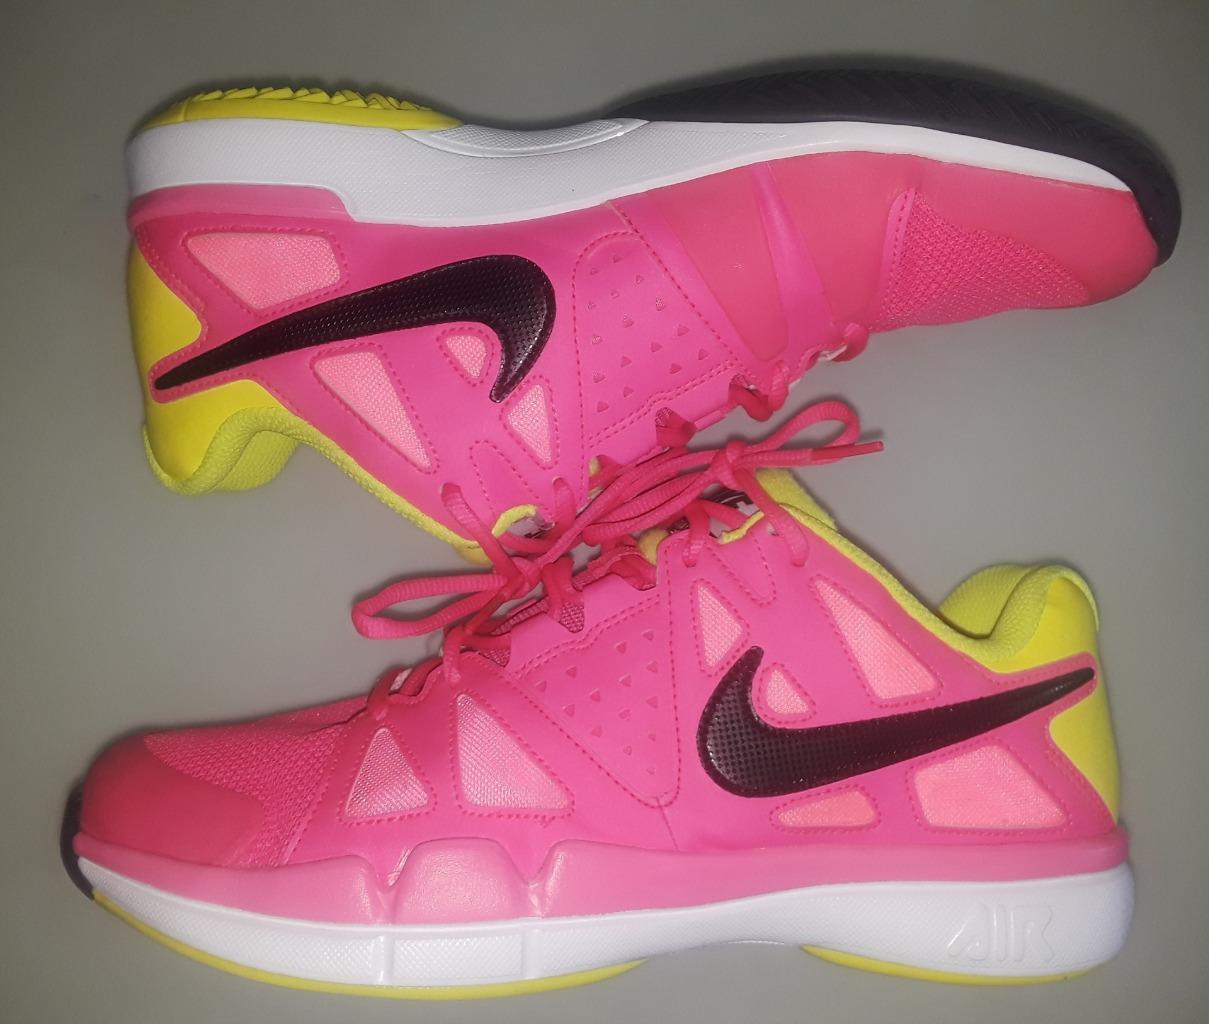 Nike zoom vapore vantaggio scarpe da tennis in rosa di dimensioni 11,5 pre -